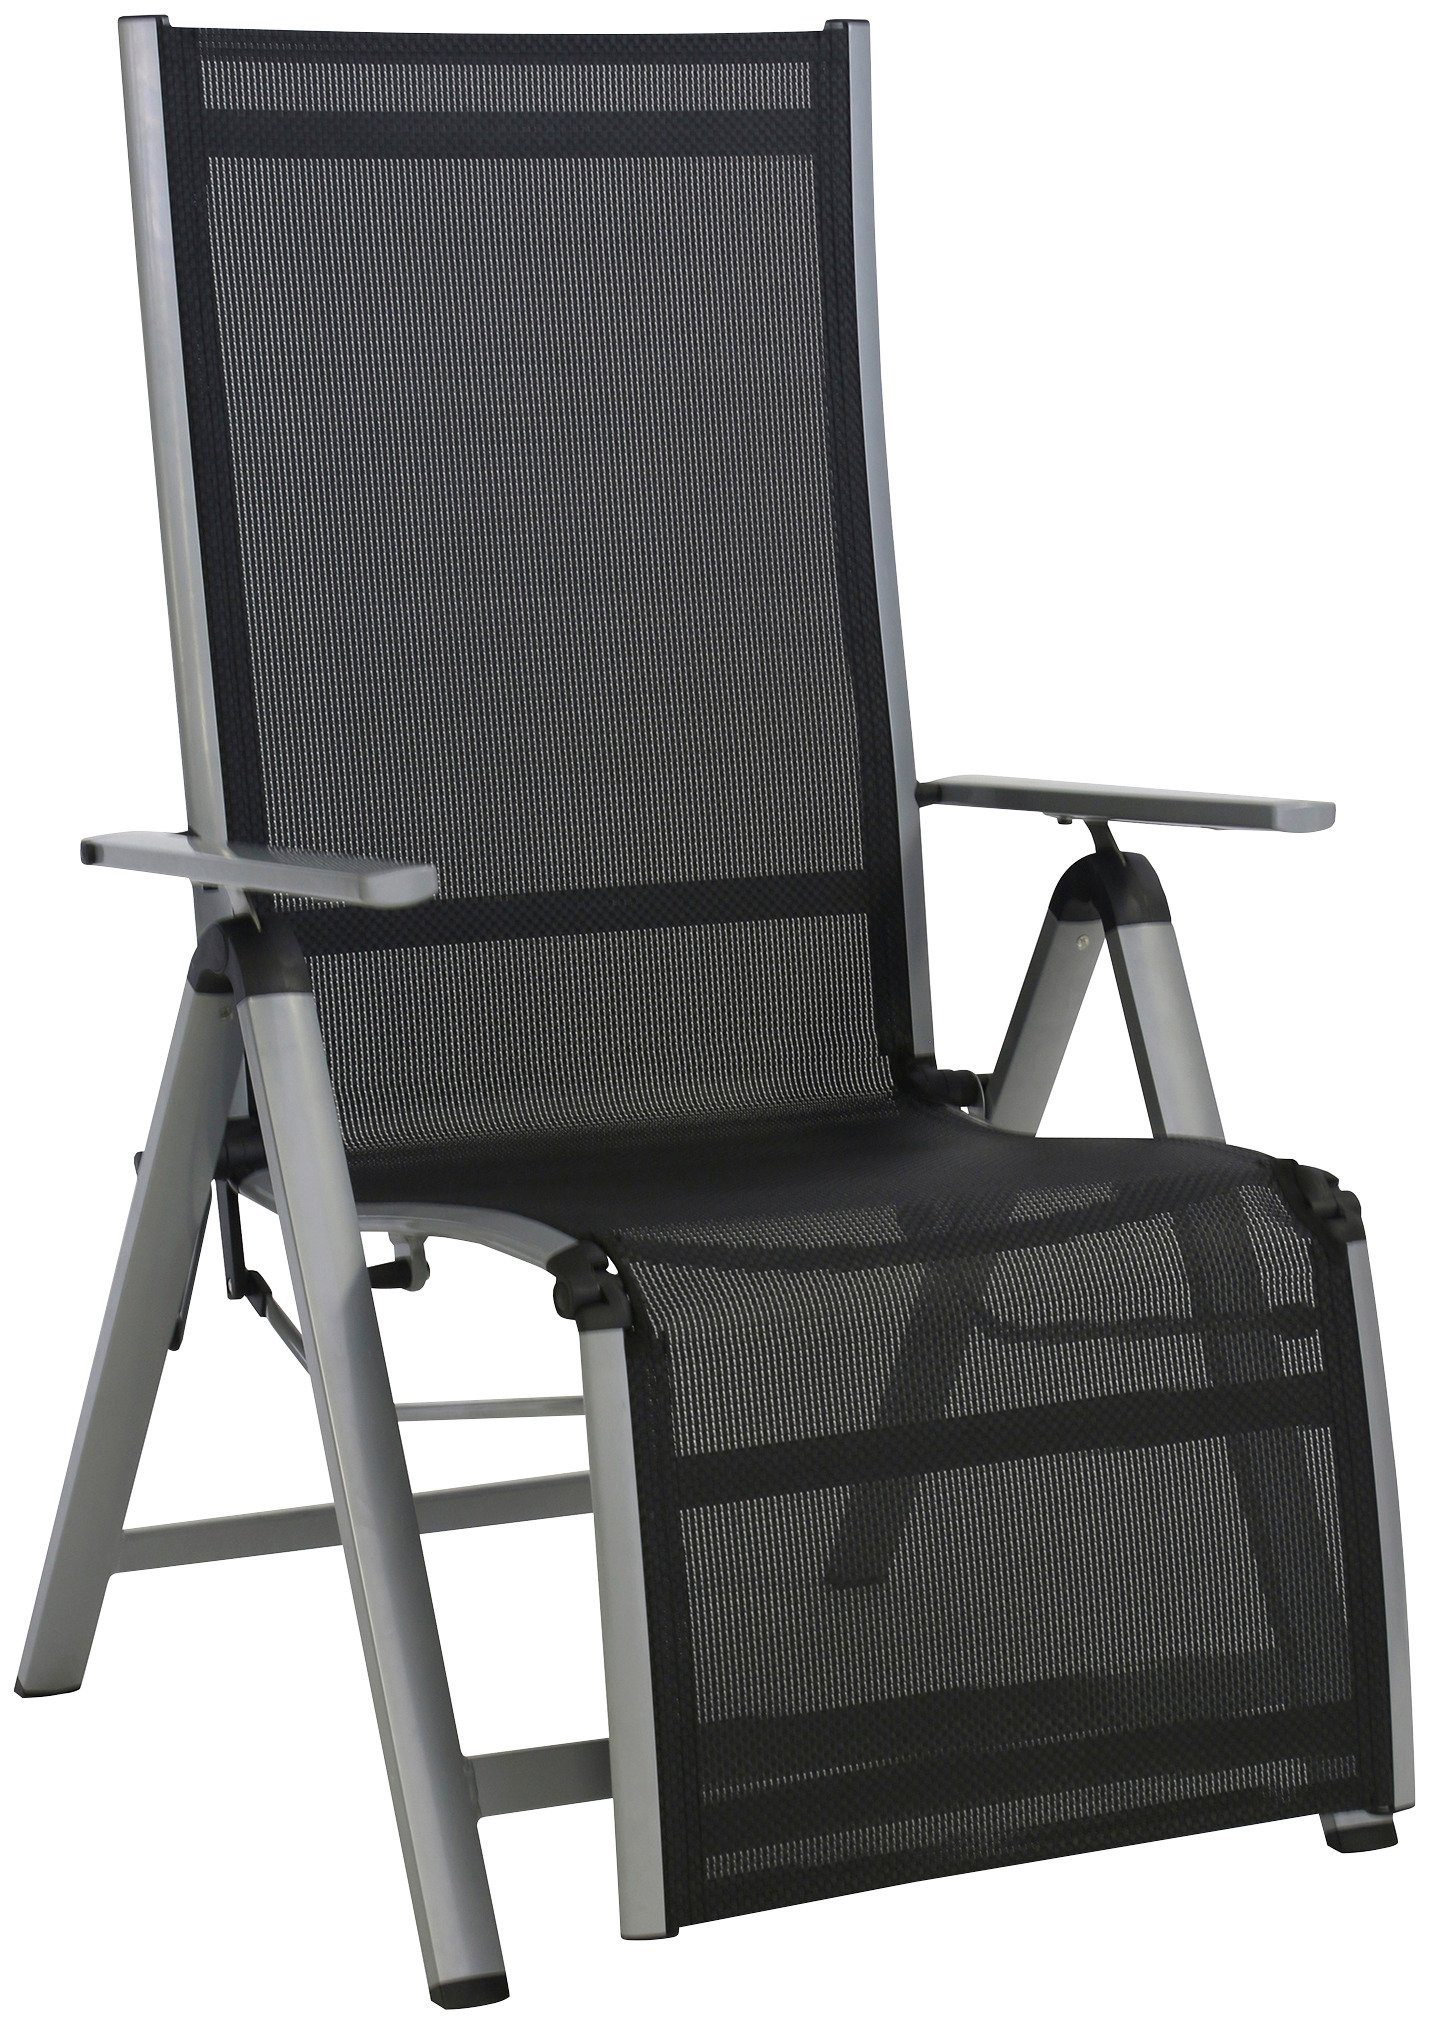 Greemotion Relaxsessel »Monza Comfort XL«, Alu/Textil, verstellbar, mit Fußteil